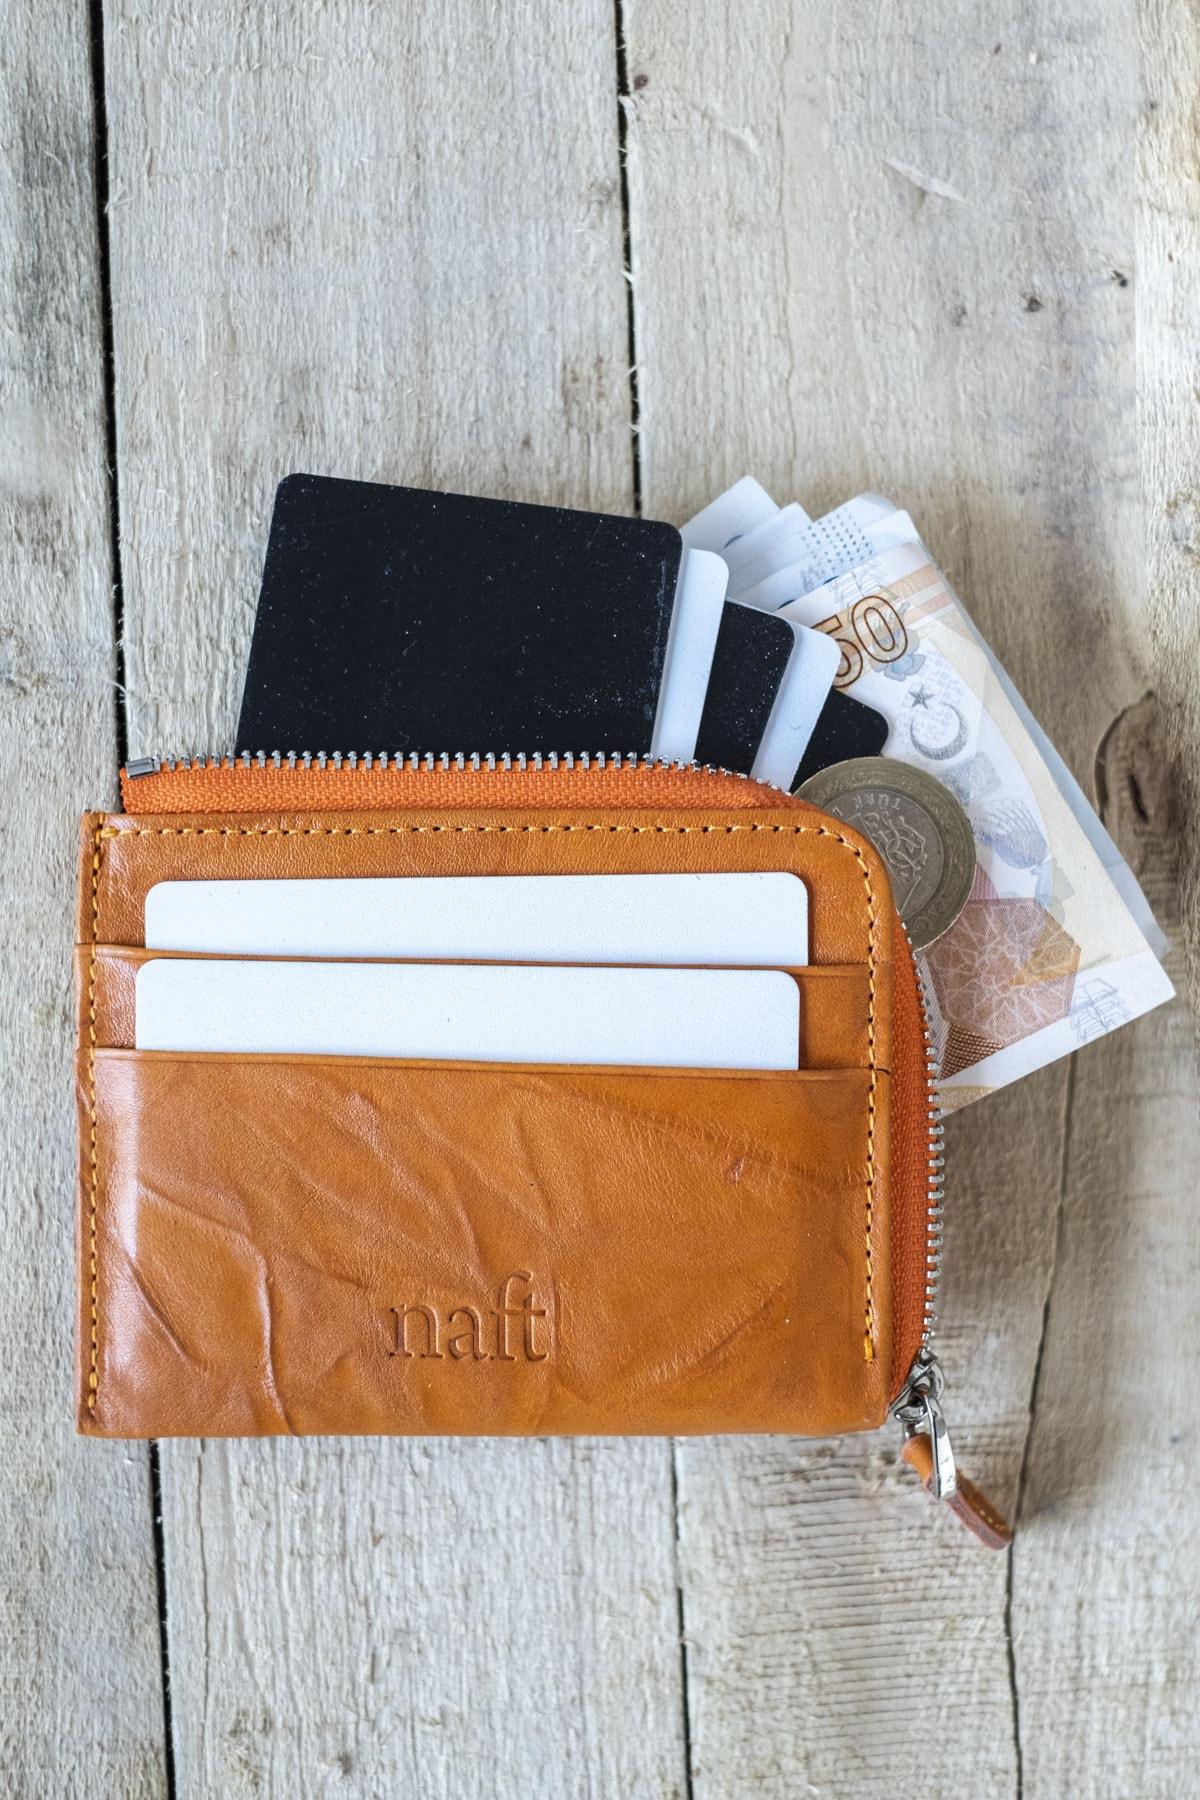 فروشگاه کیف کارت بانکی زنانه اینترنتی برند naft رنگ نارنجی کد ty121395940